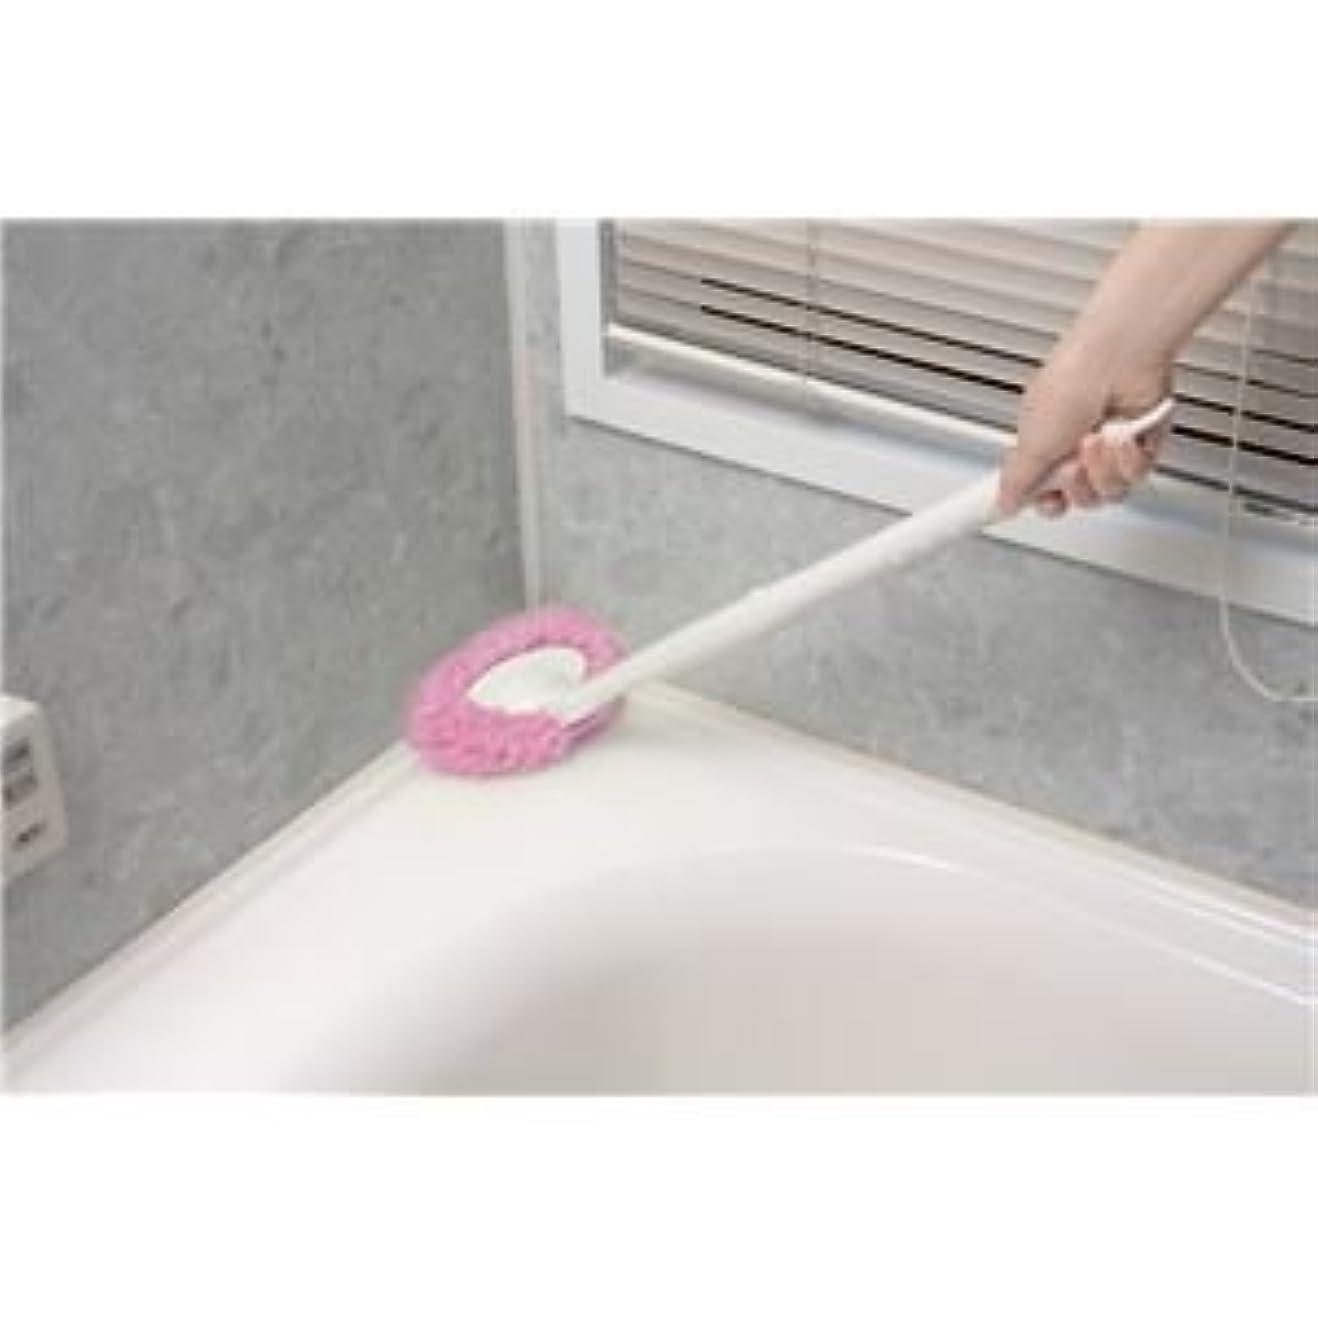 焦がす一部ピットサンコー お風呂びっクリーナーPI (BO-50) ピンク